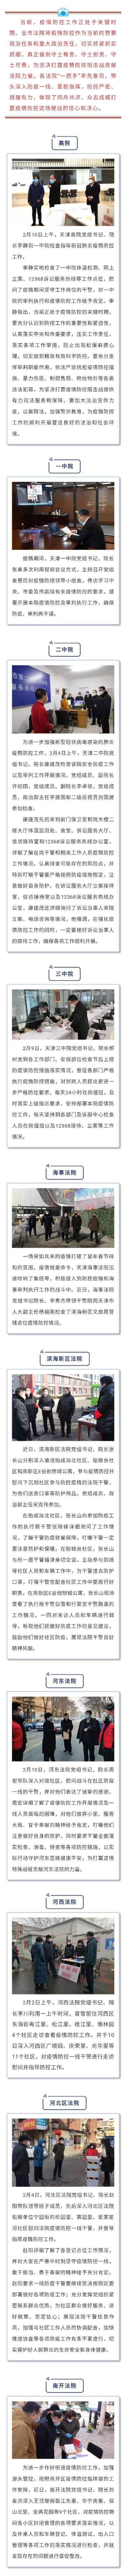 """天津法院:""""一把手""""带头担当落实疫情防控主体责任图片"""